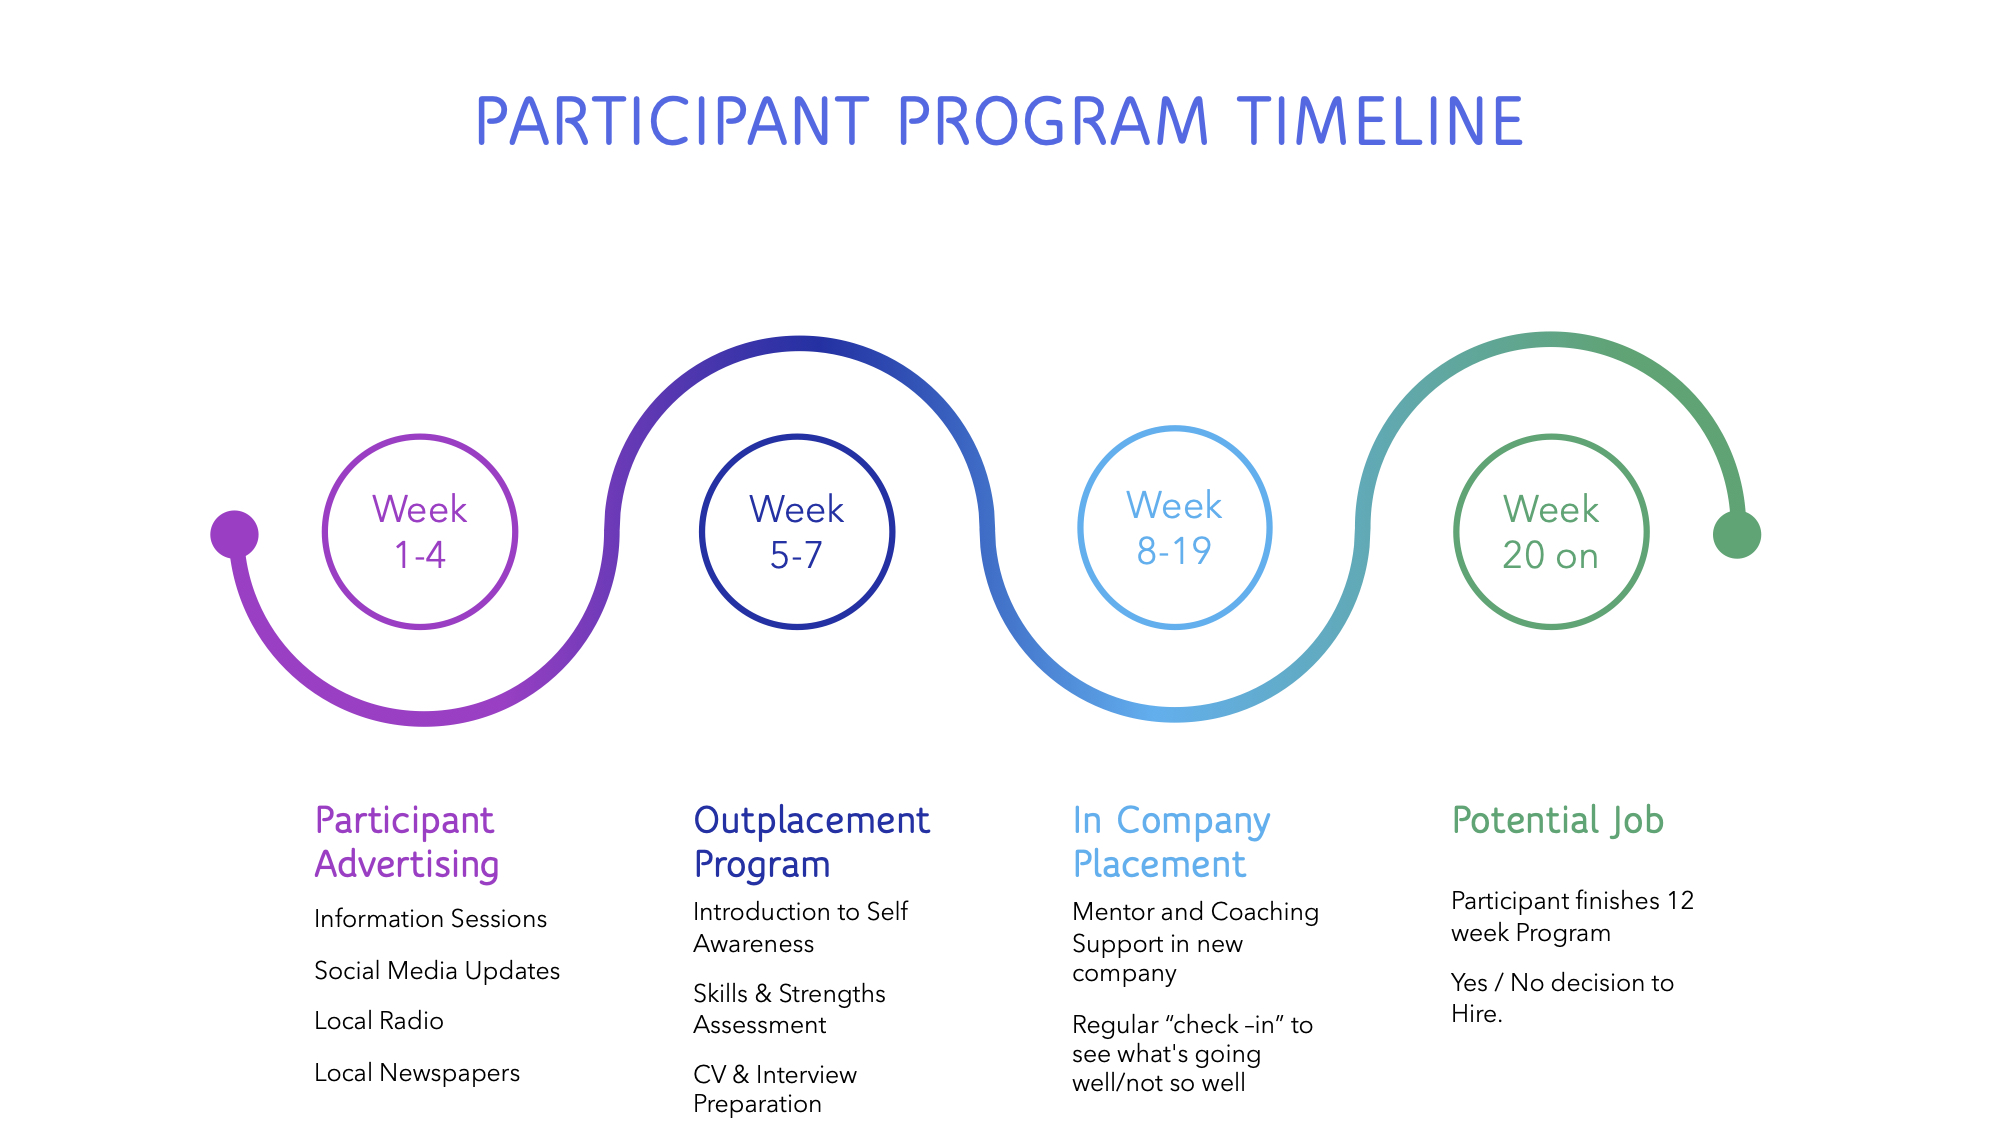 Participant Program Timeline